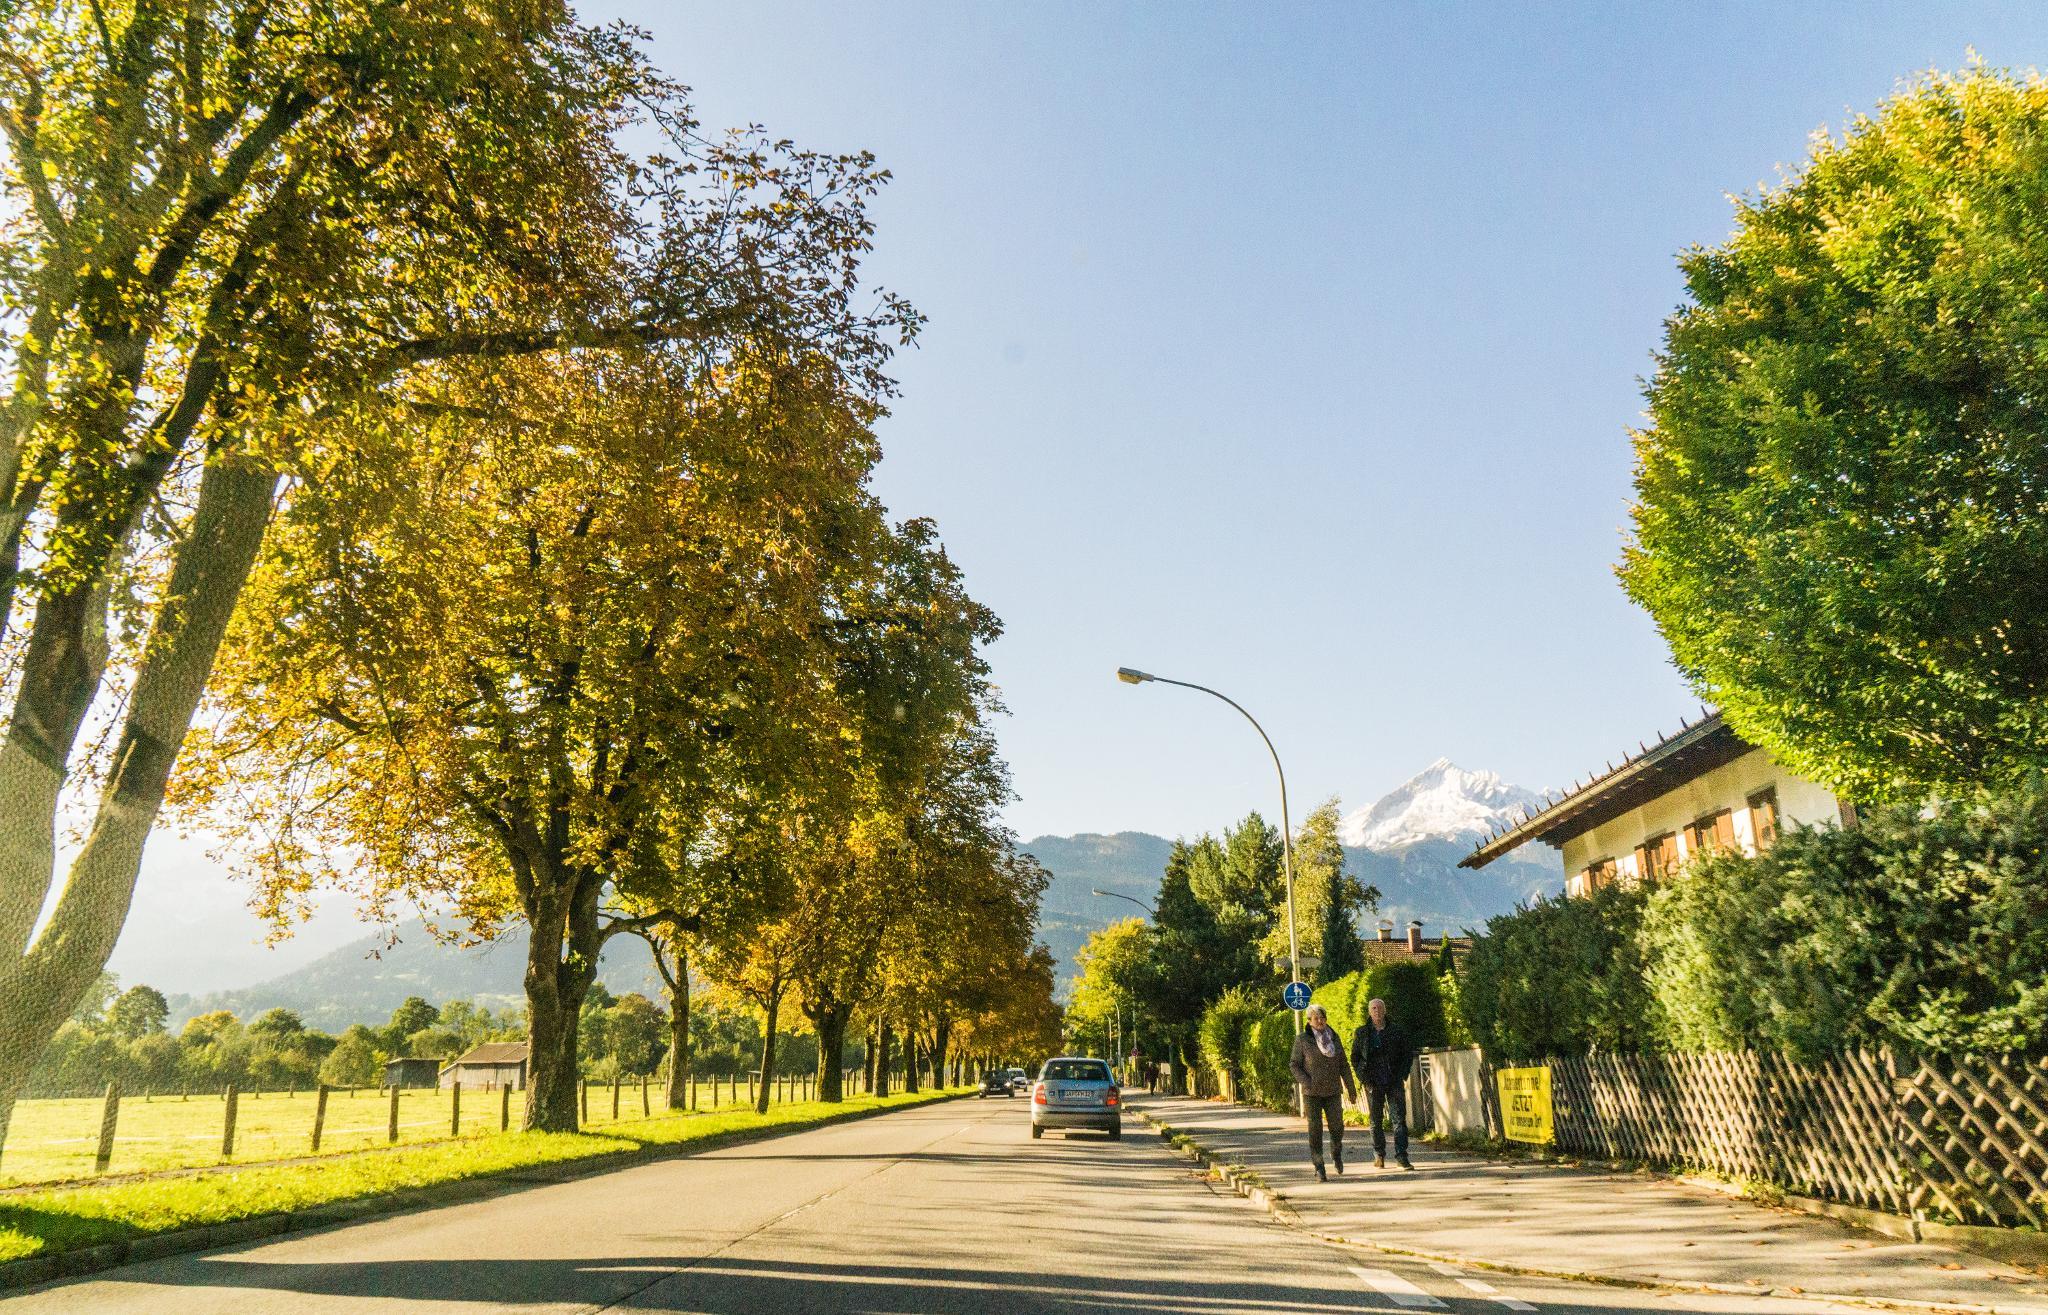 【德國】阿爾卑斯大道:楚格峰 (Zugspitze) 登上德國之巔 11